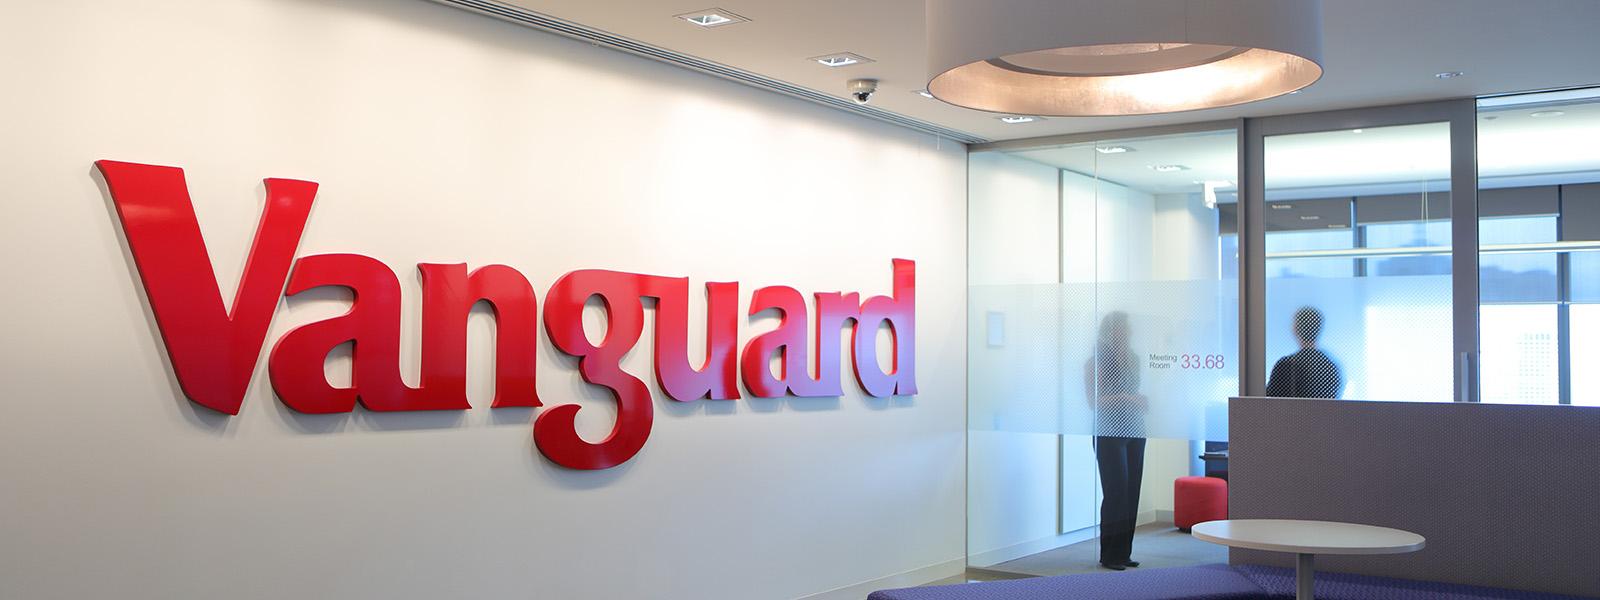 Vanguard signage